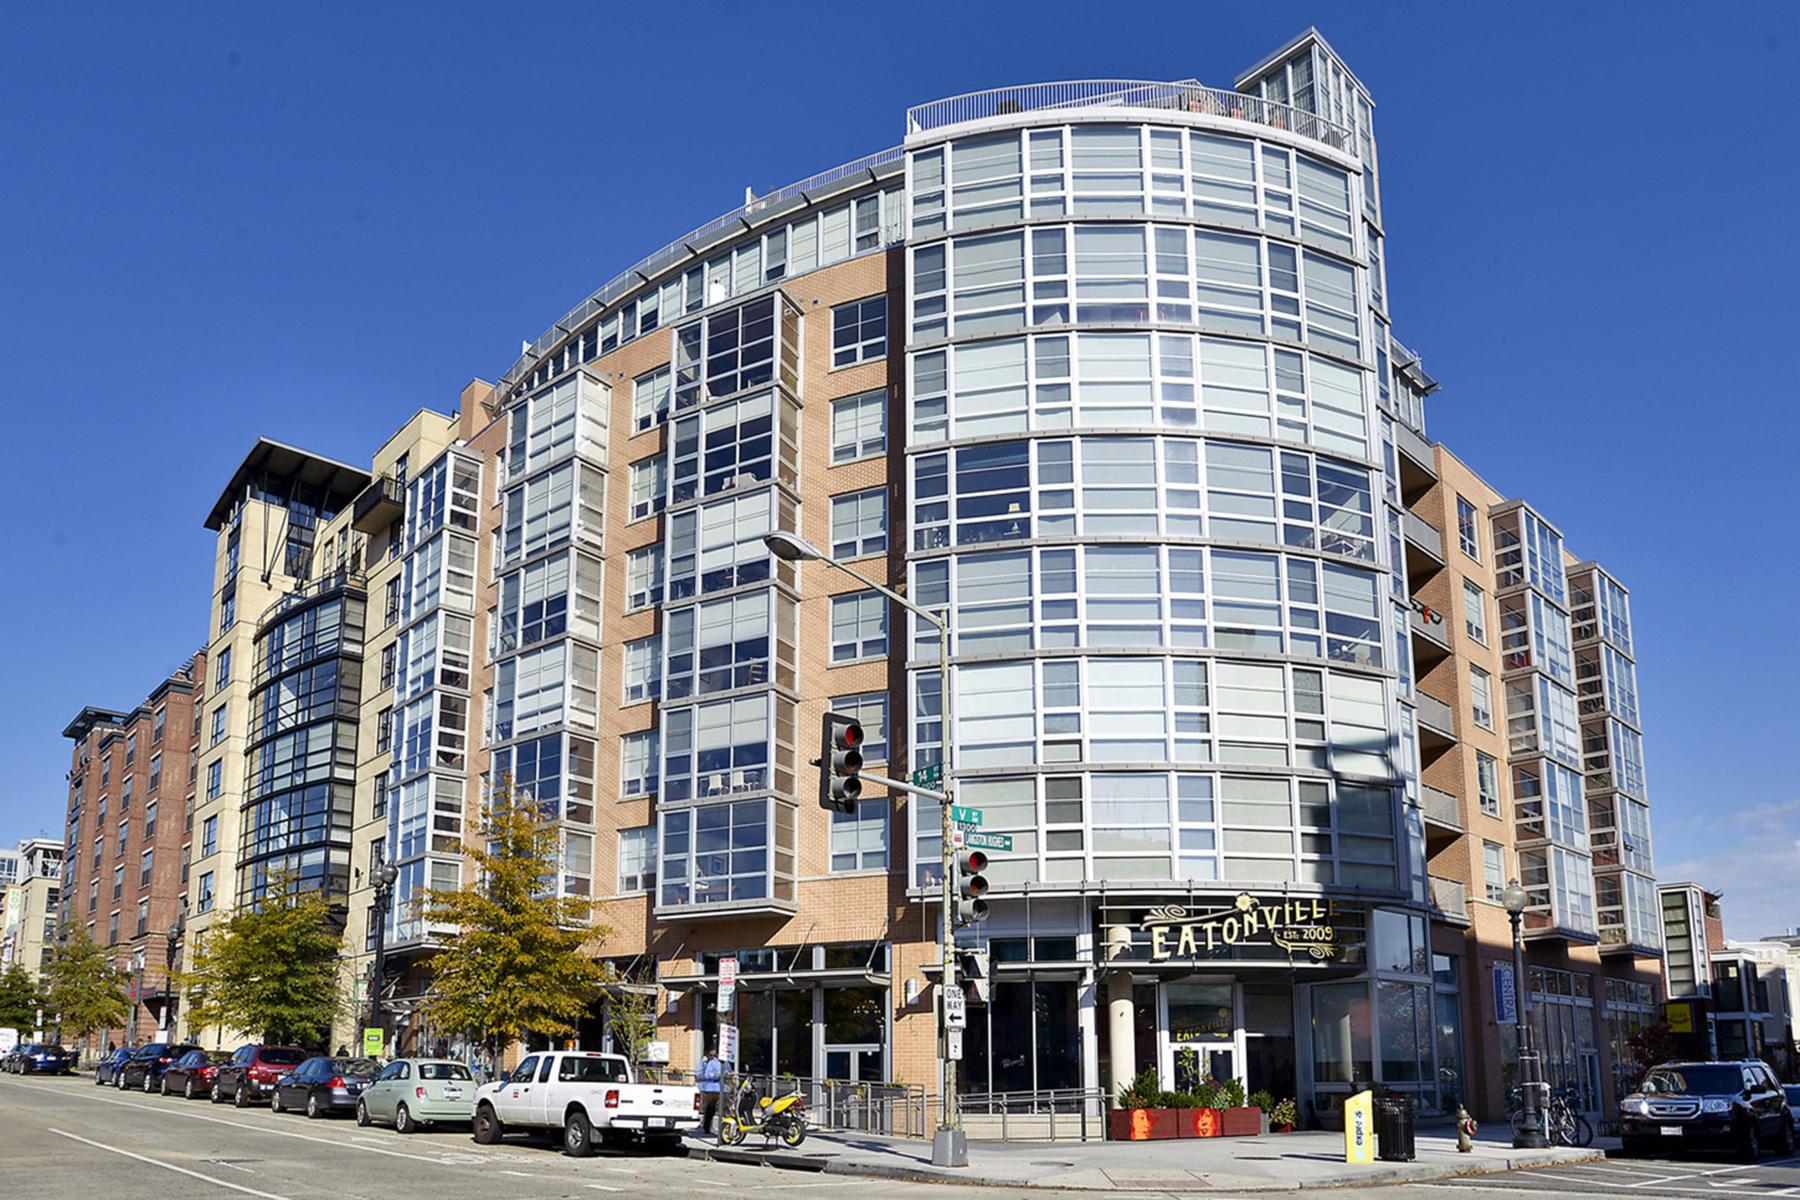 sales property at 2125 14th Street Nw 317, Washington